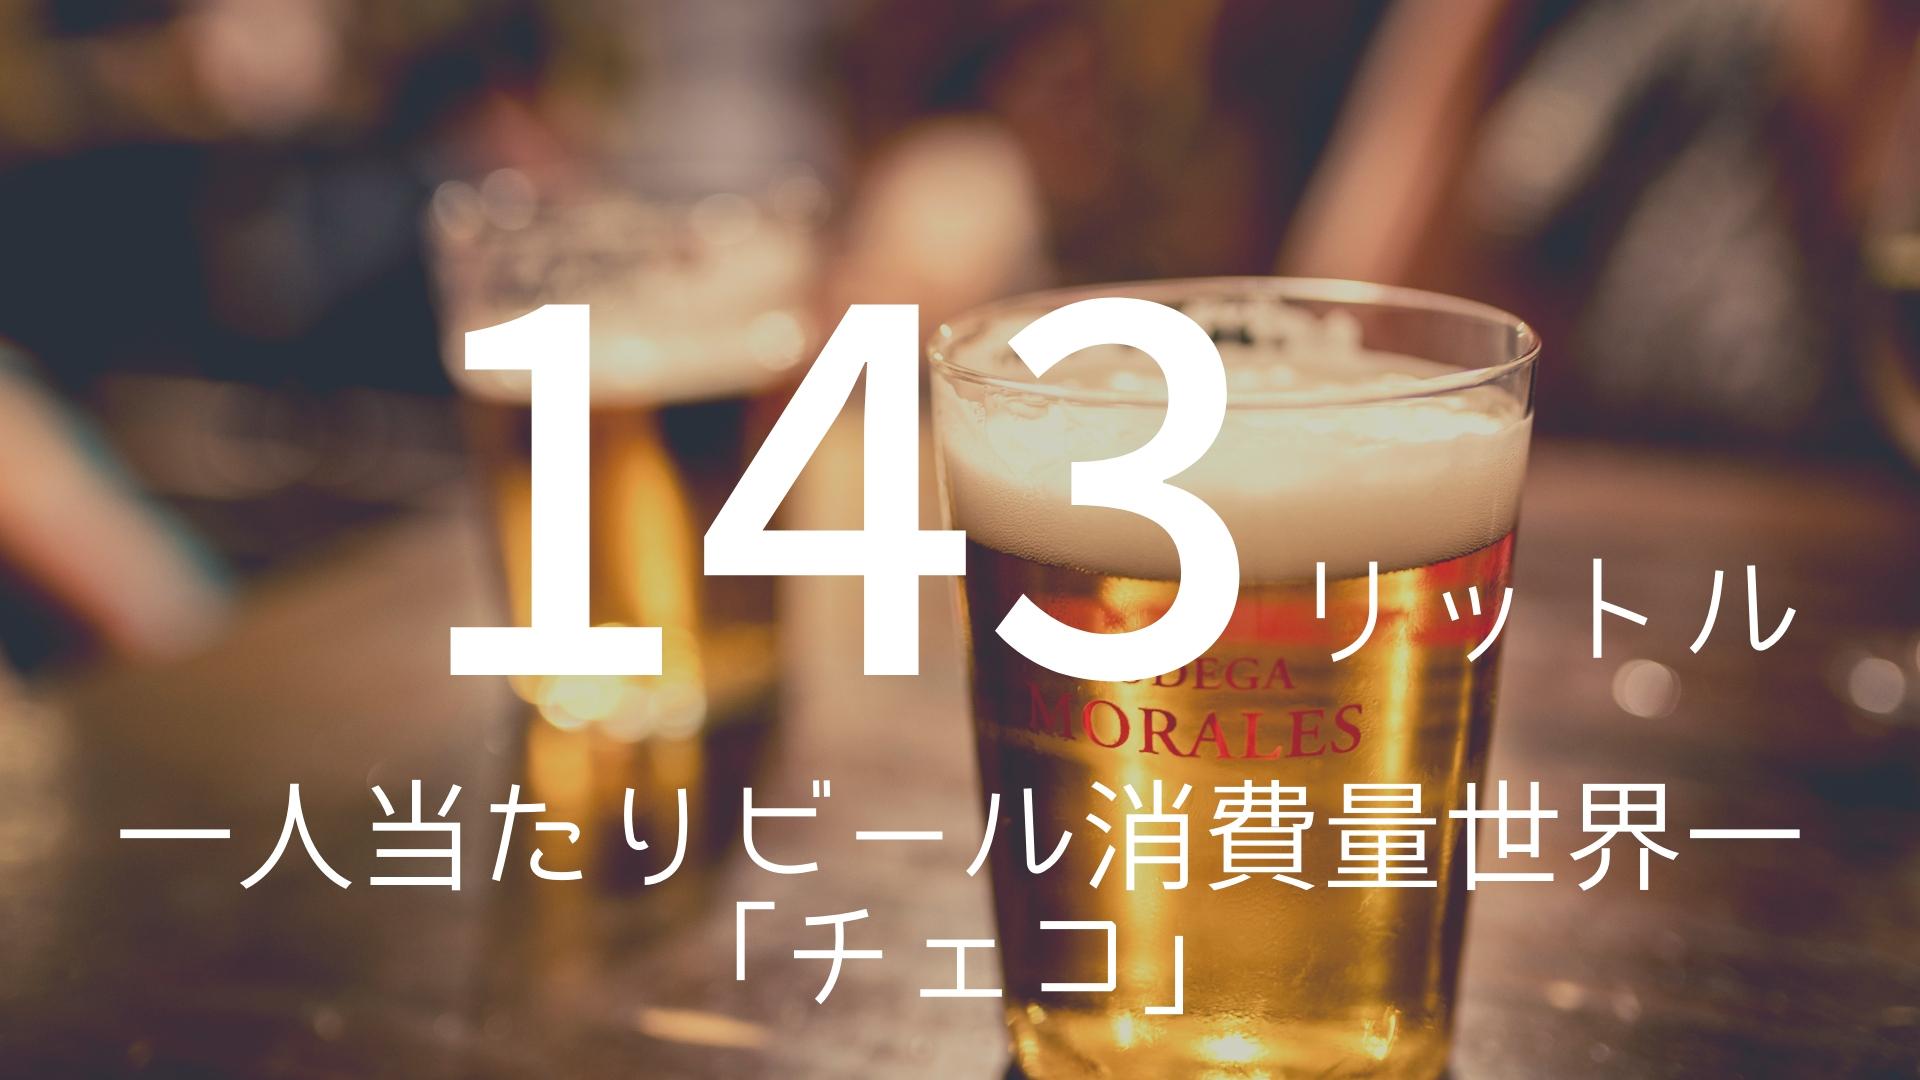 「143リットル」 >>> 一人当たりビール消費量世界一「チェコ」